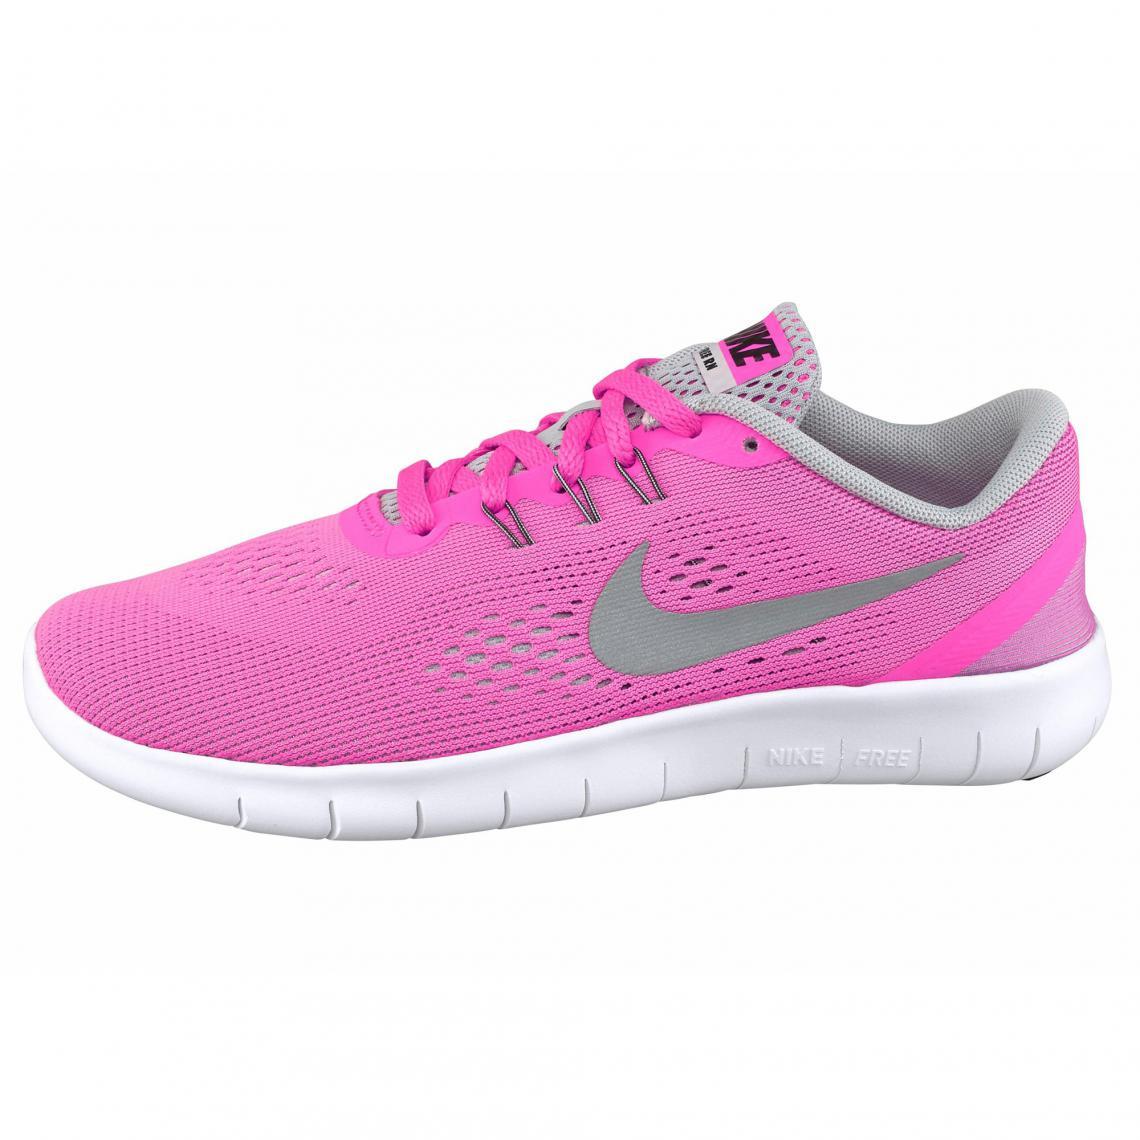 De Femme Run 3suisses Argenté Sport Nike Rose Chaussures Free Vif qwZX5pt 987a422683f